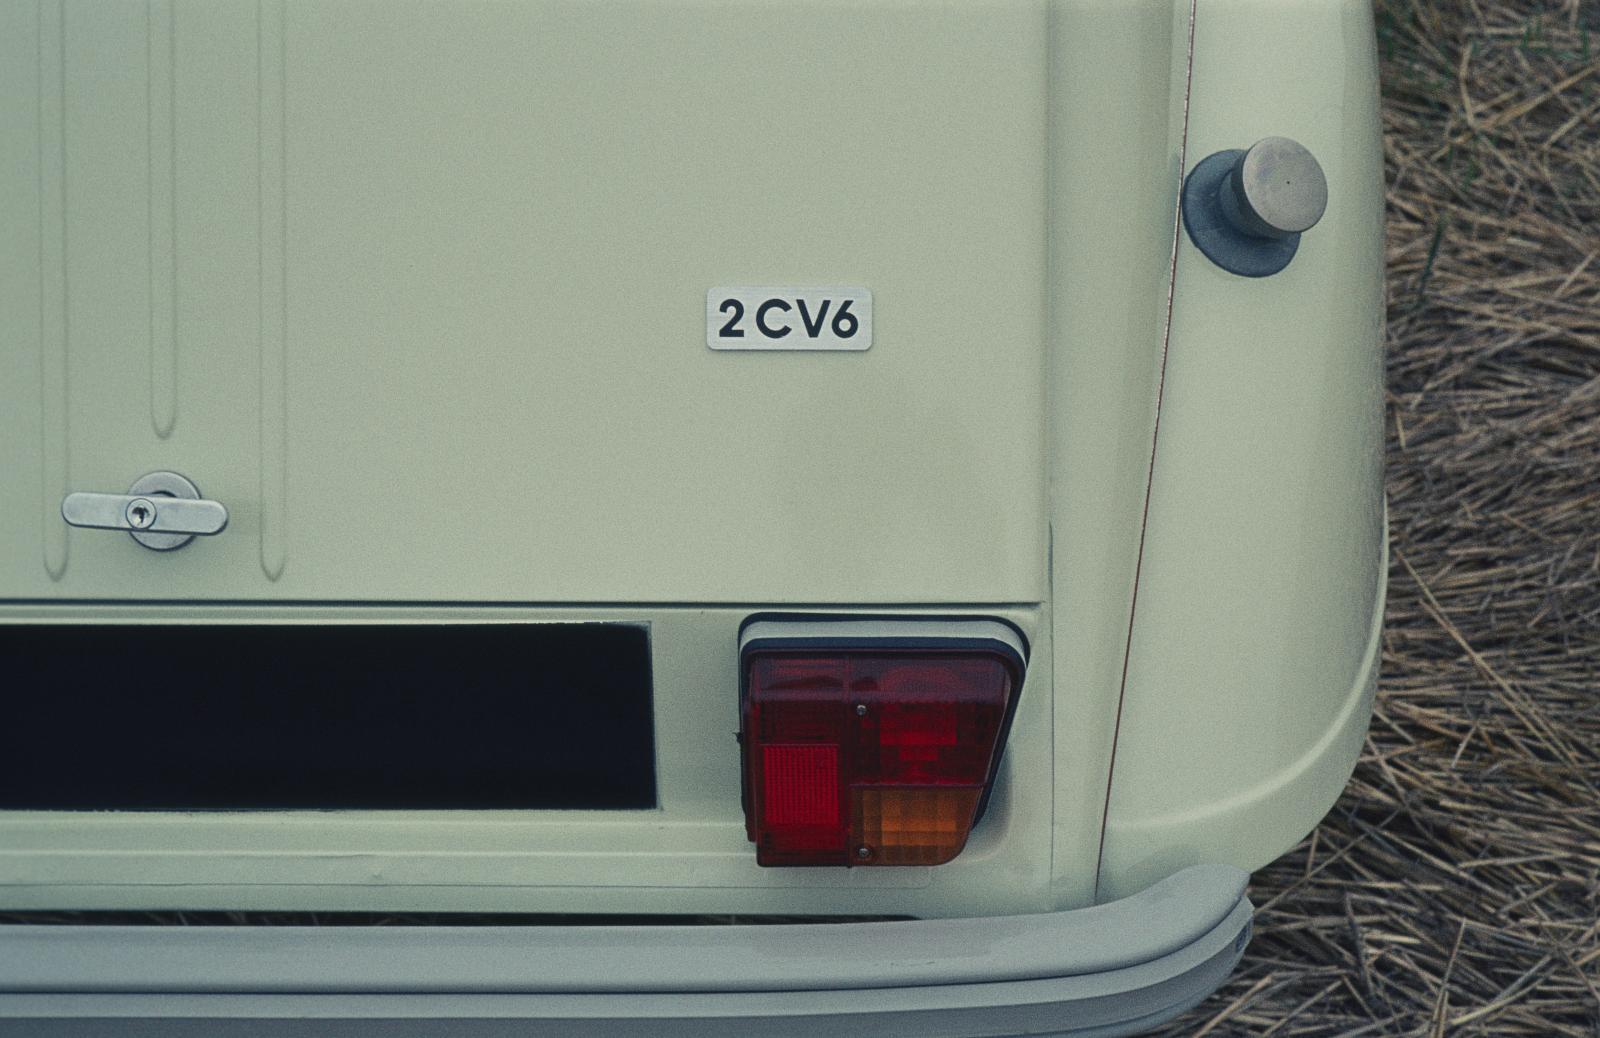 2CV 6 3/4 Heckansicht 1974